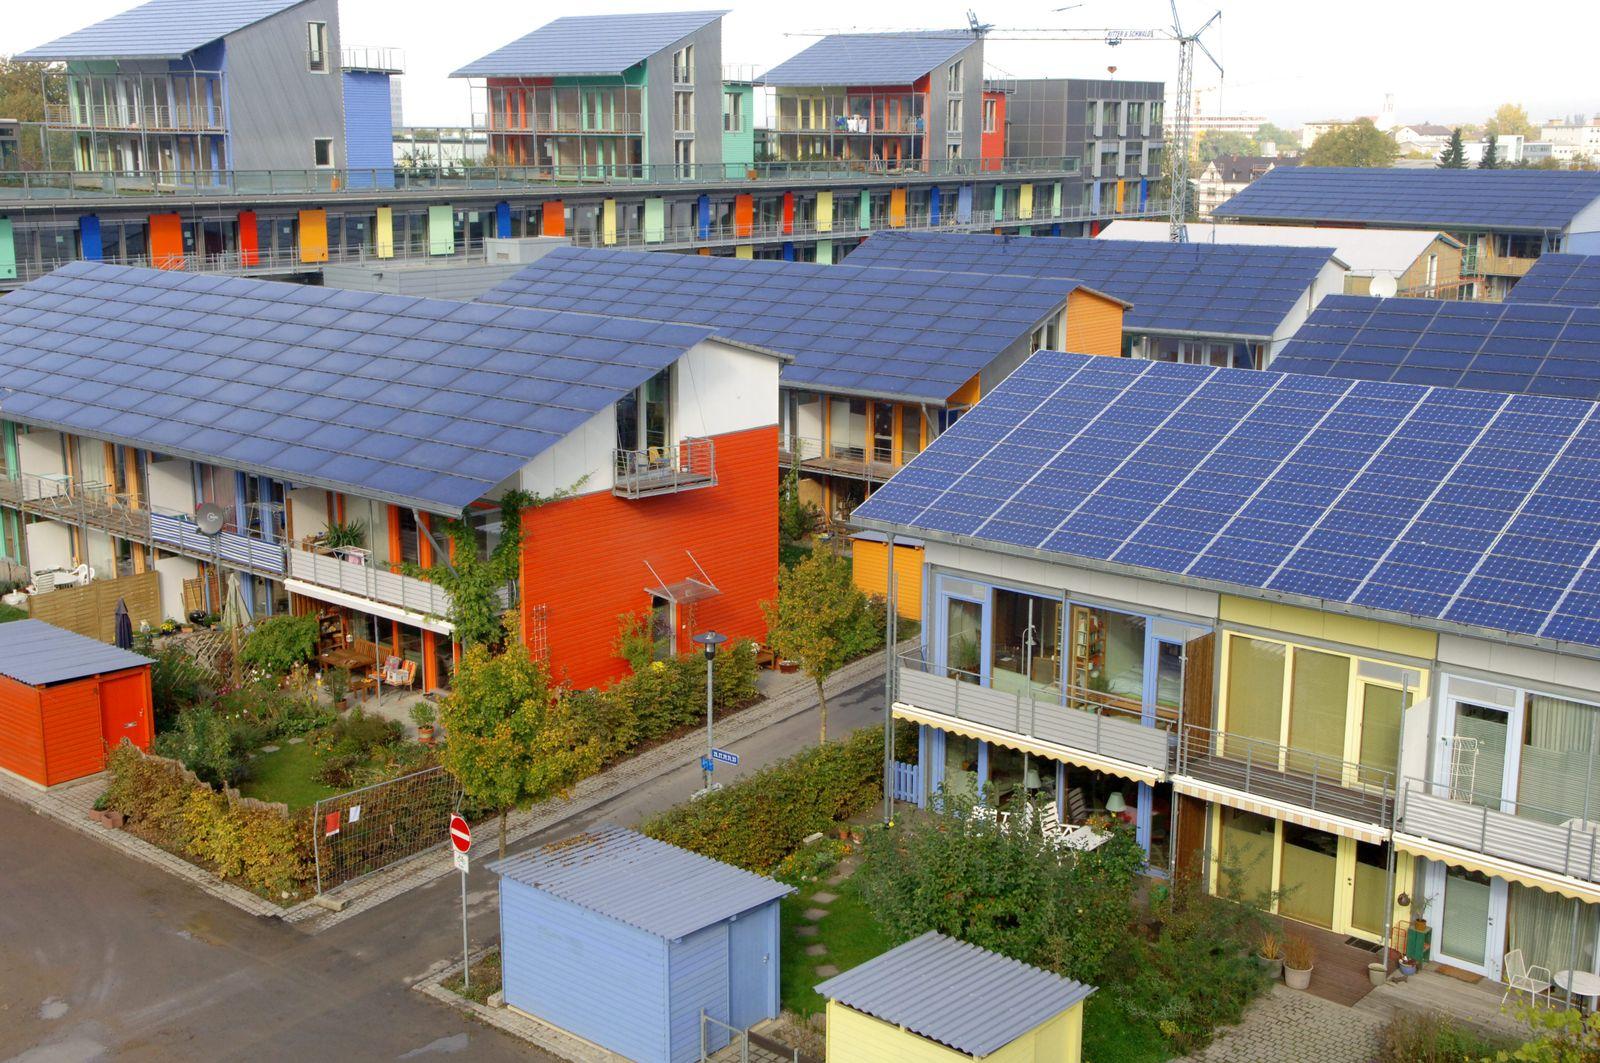 Solarsiedlung Freiburg / Plusenergiehäuser